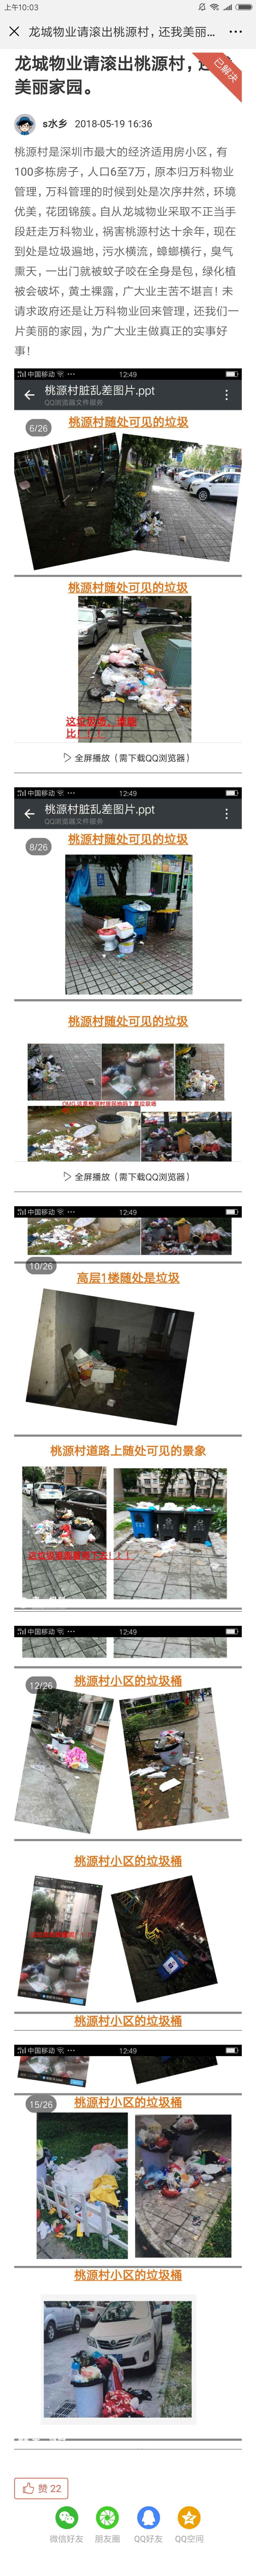 Screenshot_2018-07-14-10-02-57-274_com.tencent.mm.png